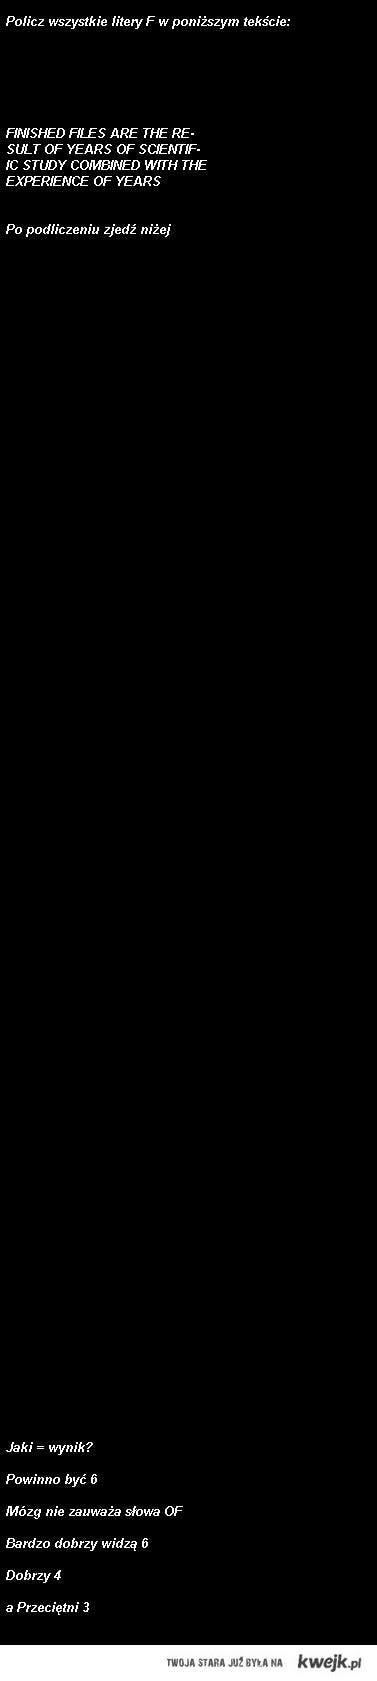 Litera F